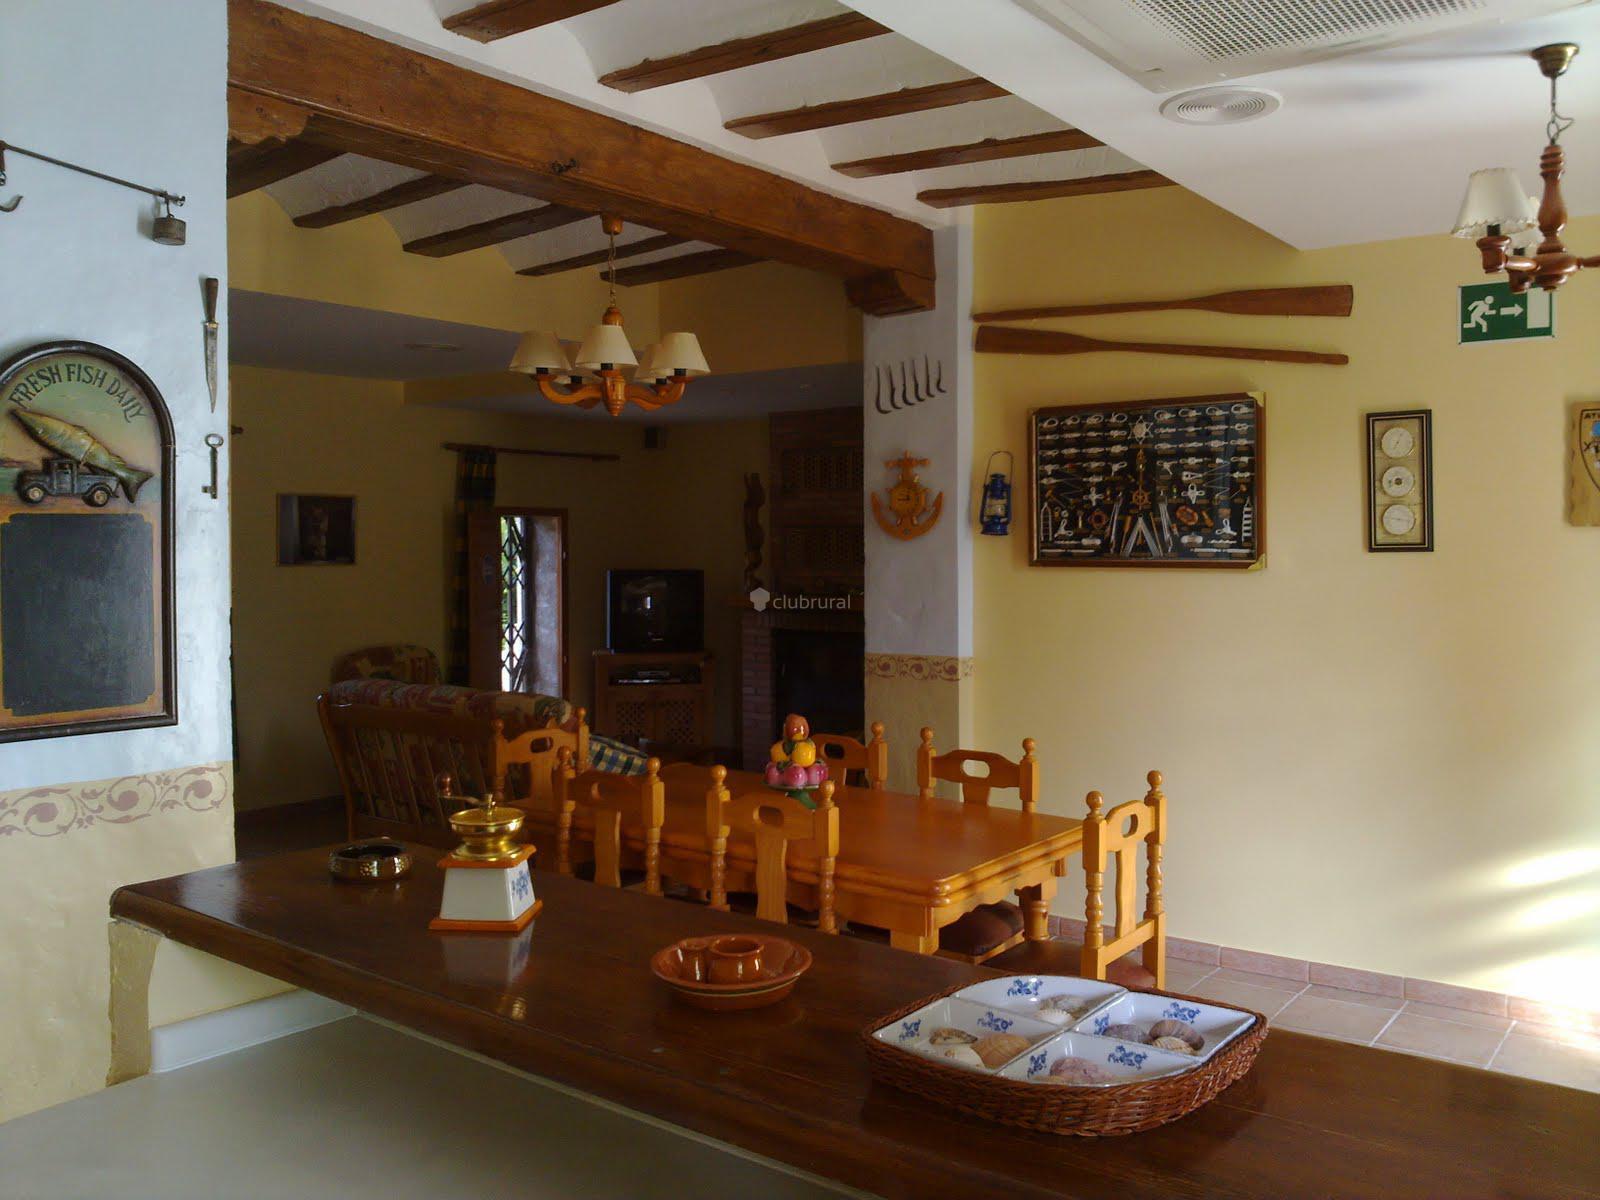 Fotos de casas de alcance valencia cofrentes clubrural - Casa rural cofrentes ...